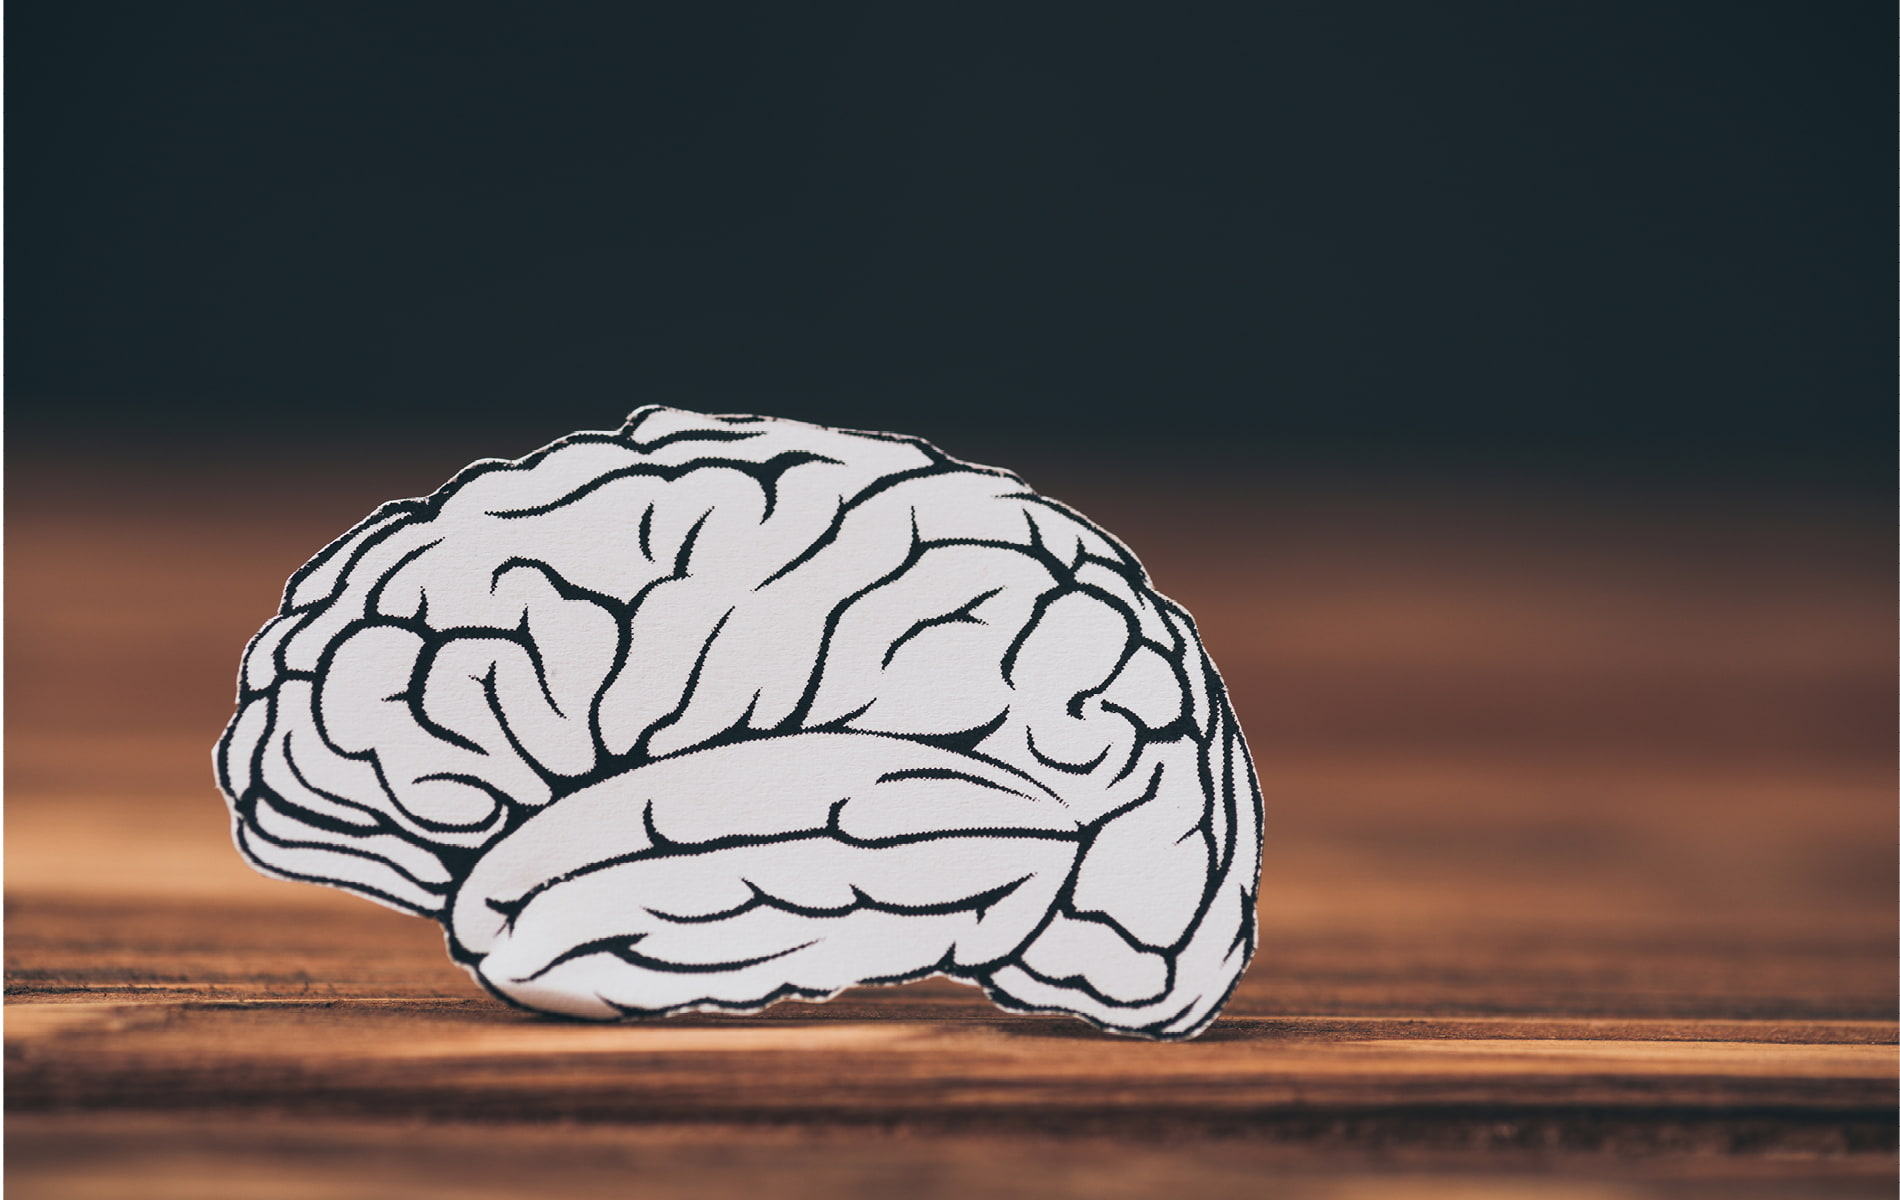 Zeichnung eines Gehirns auf einer Holzunterlage